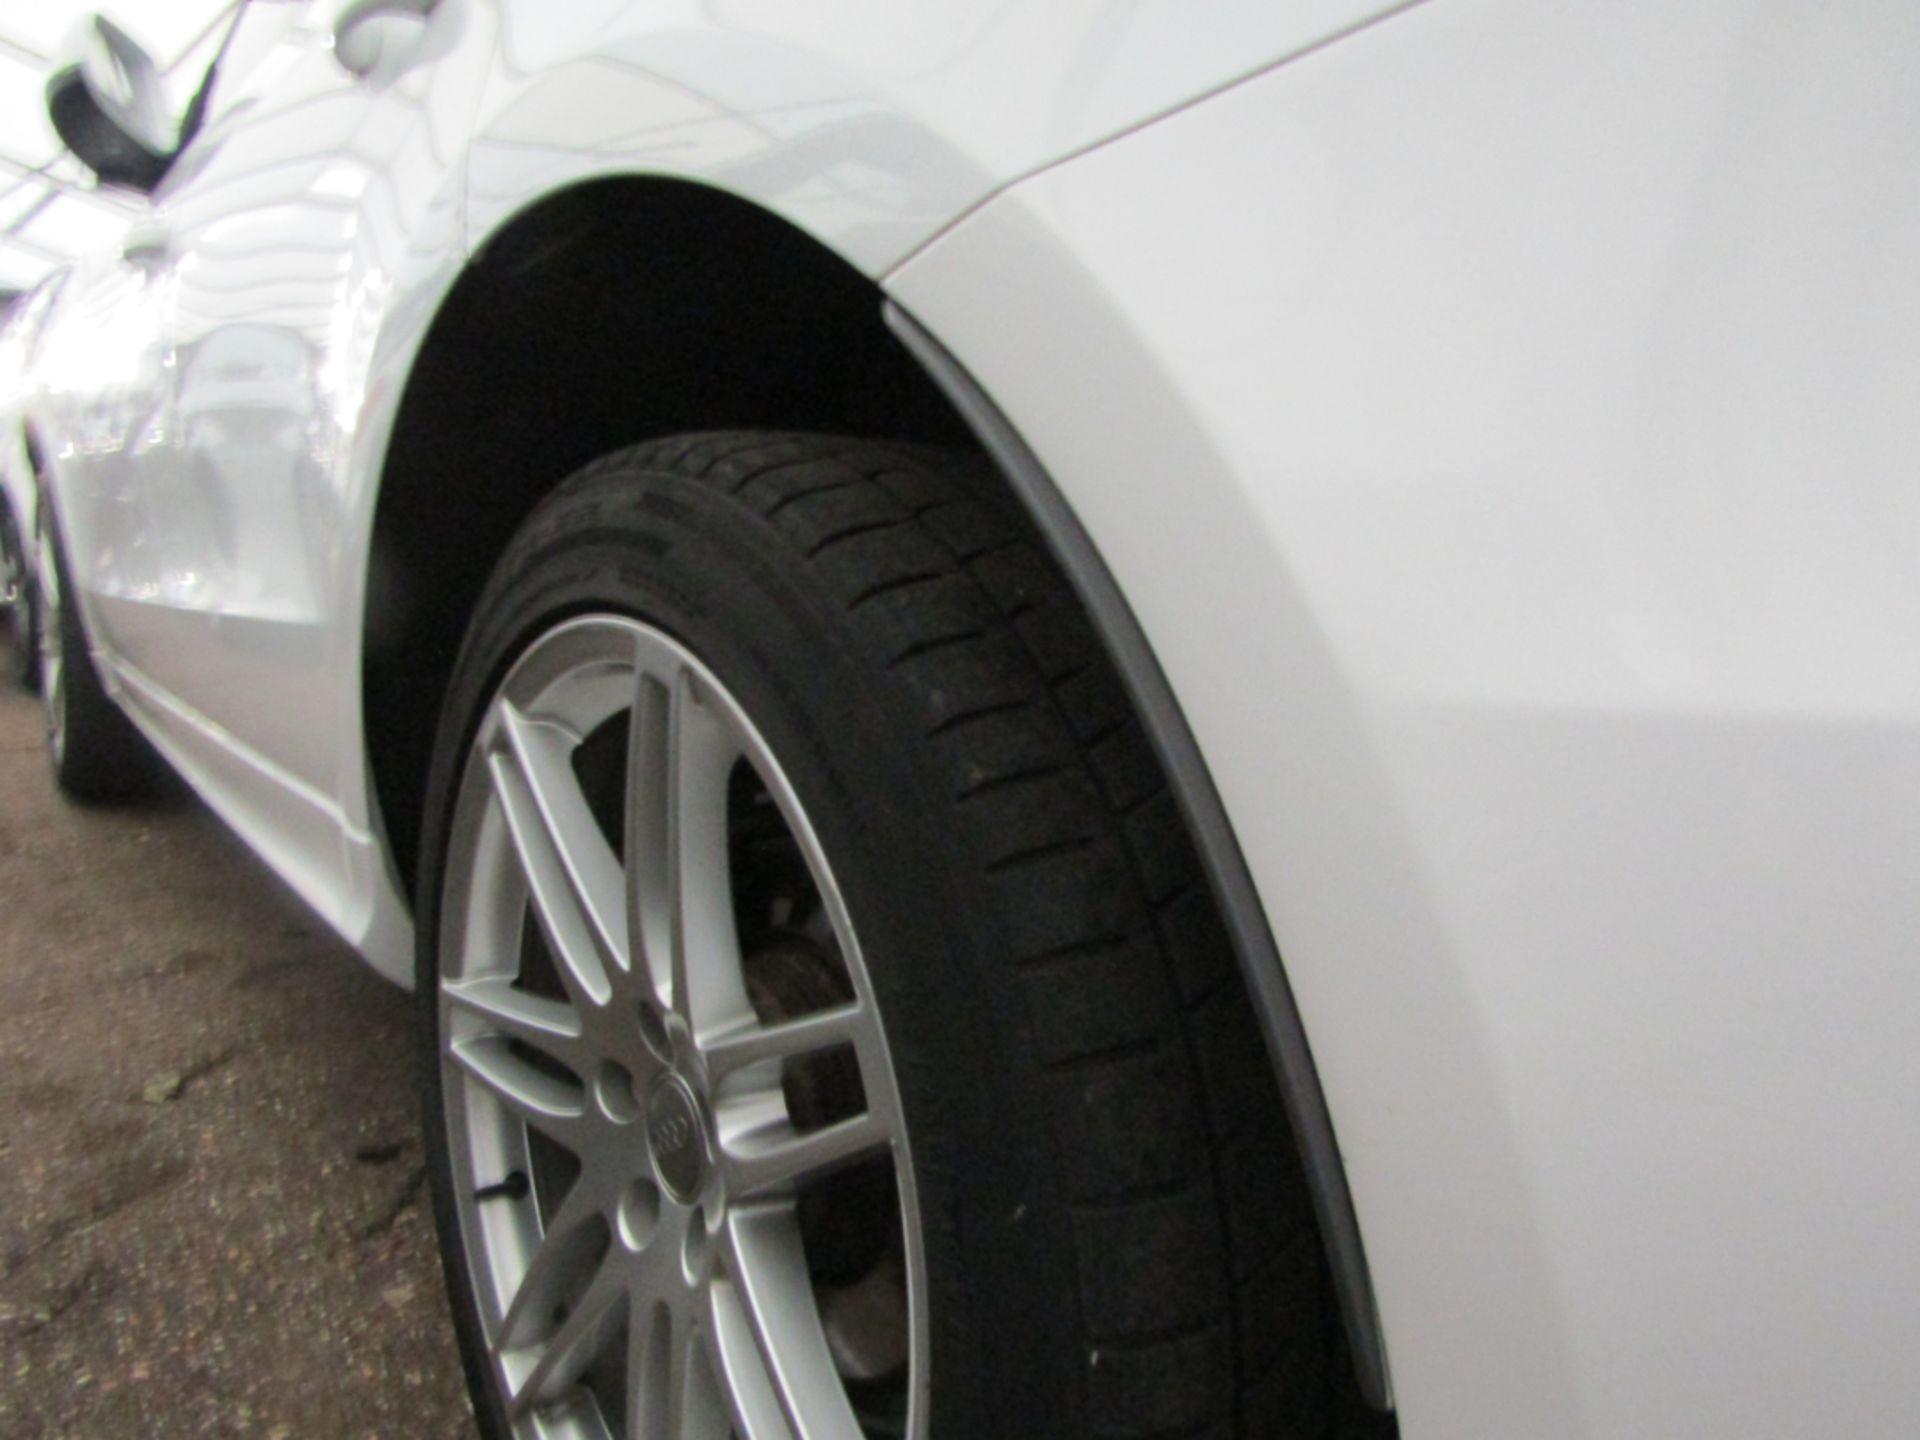 09 09 Audi Q5 S Line TFSI Quattro - Image 10 of 17